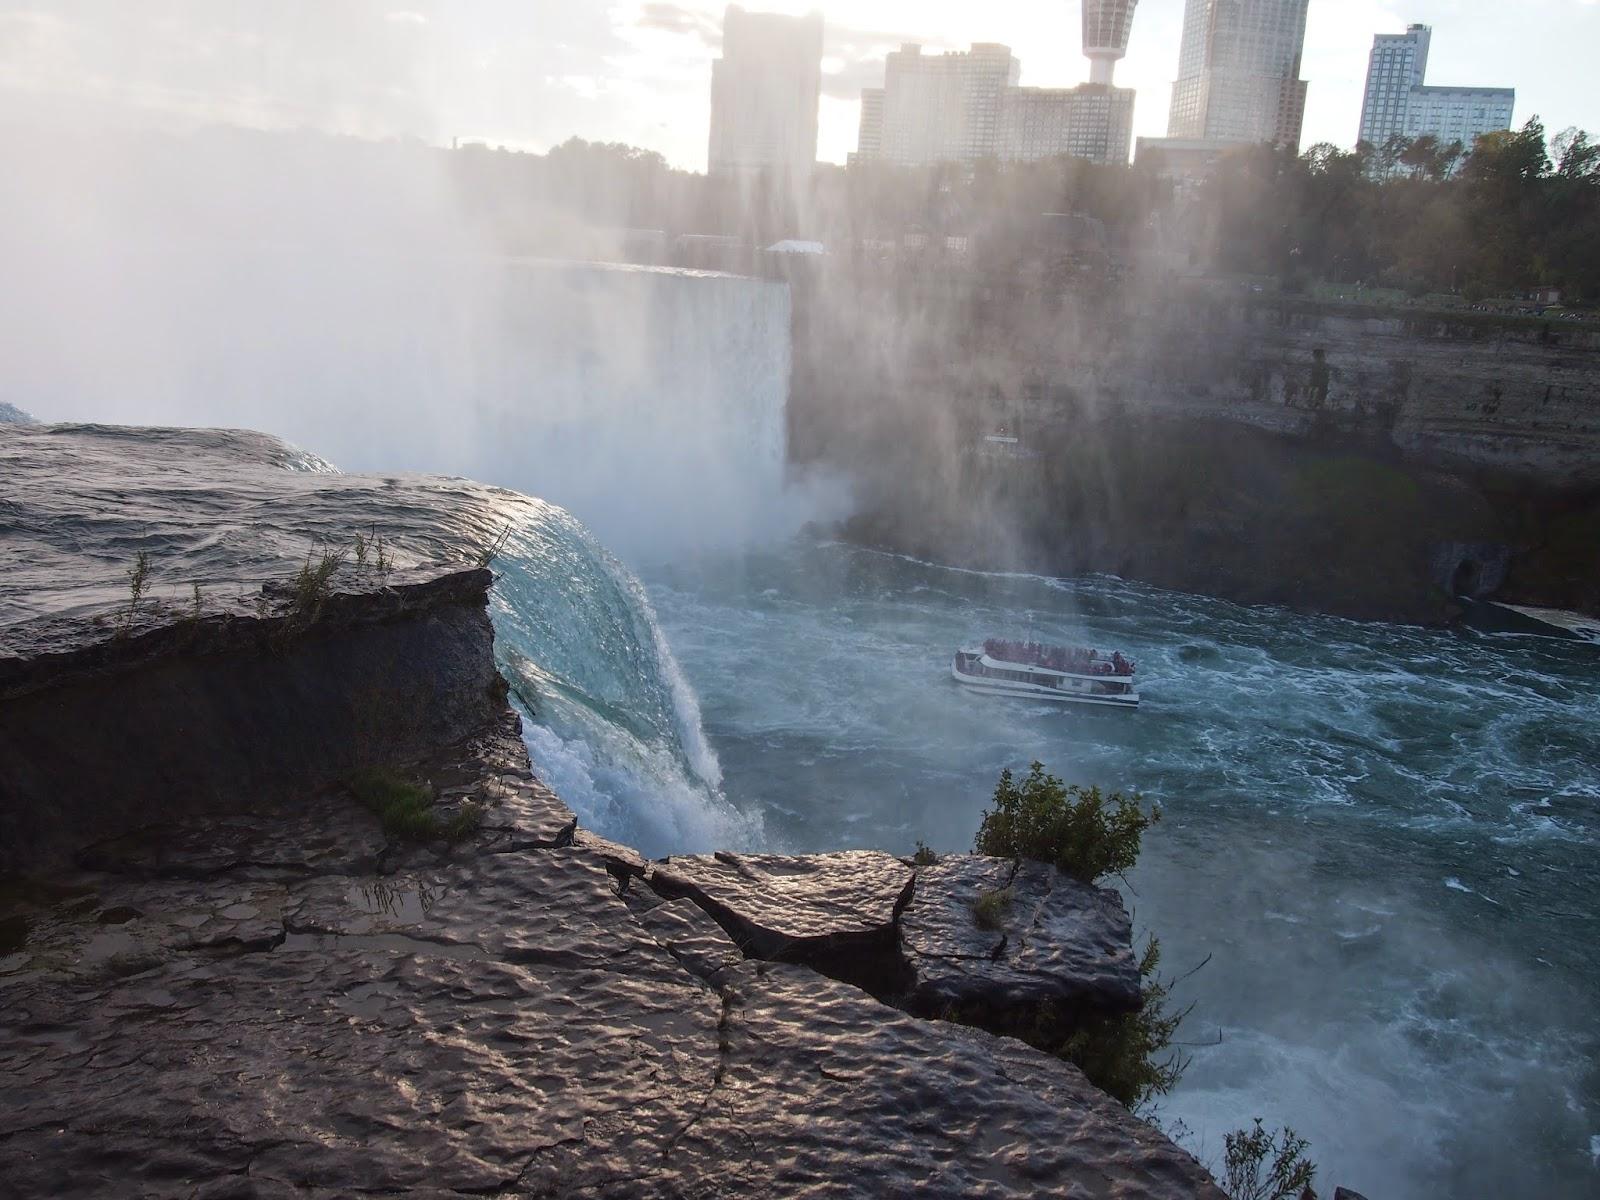 アメリカ側からのナイアガラの滝:滝の乙女号